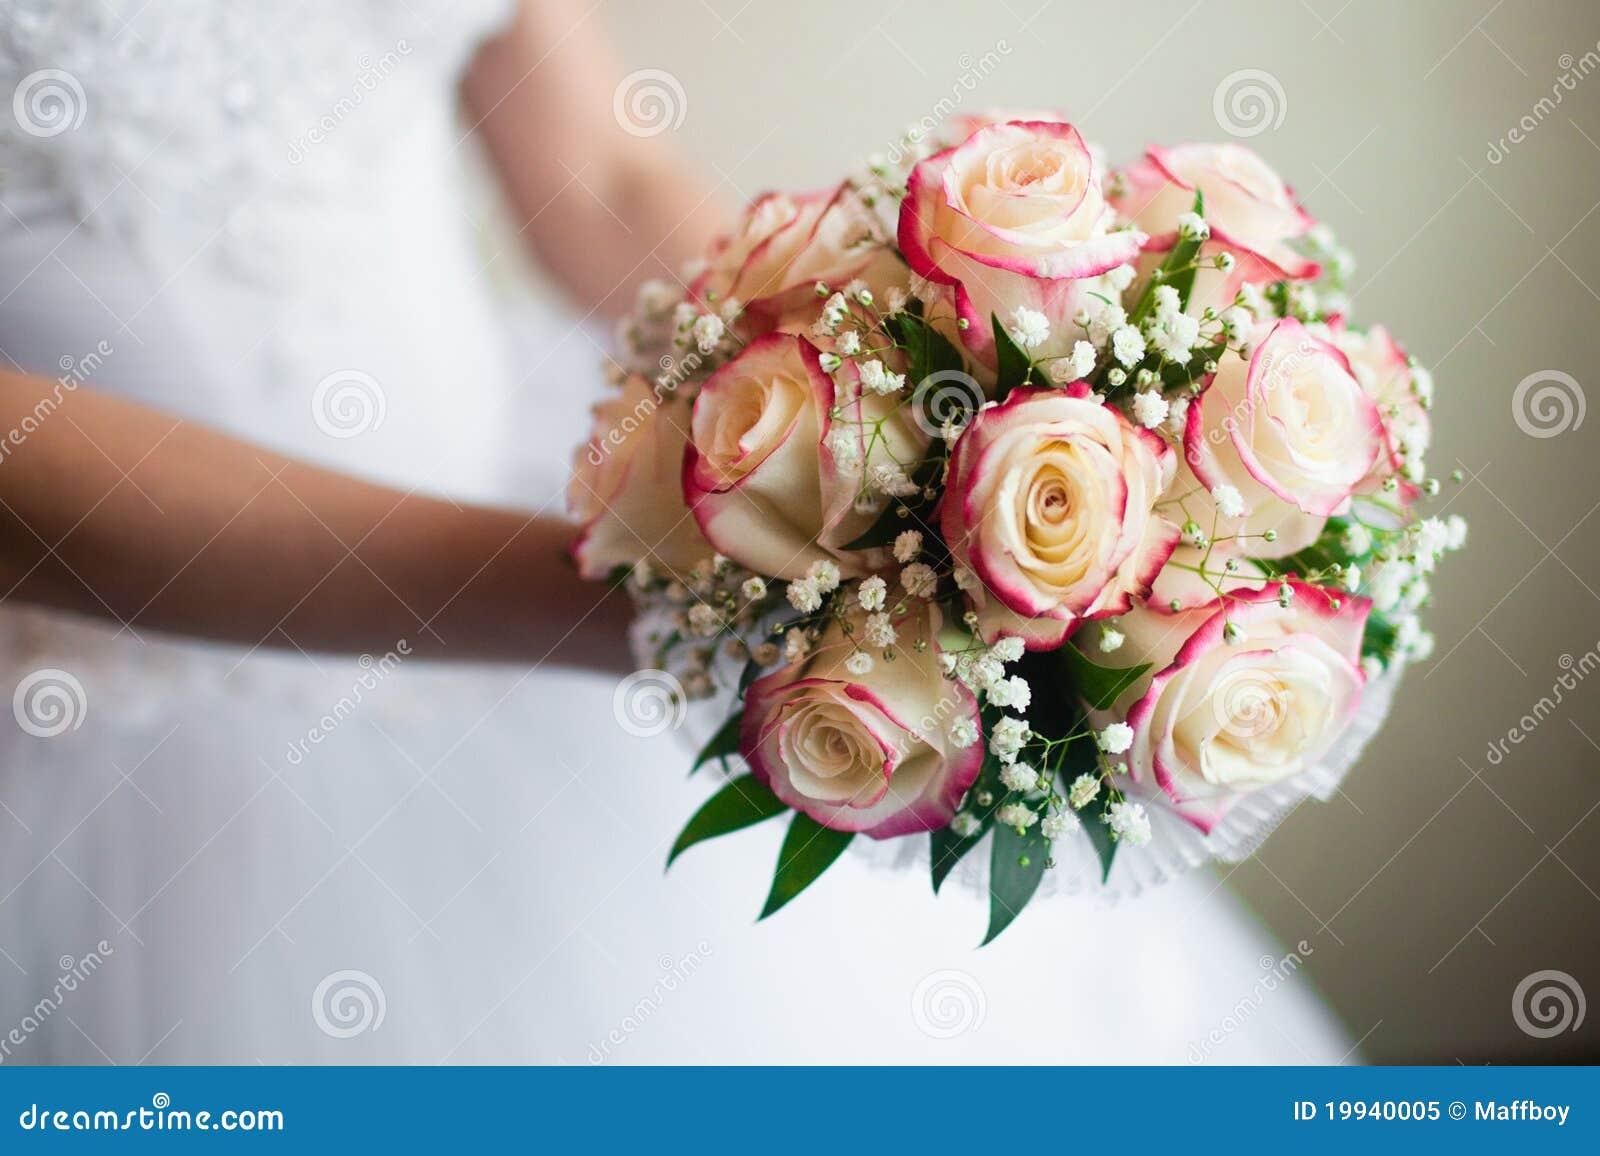 花束新娘婚礼